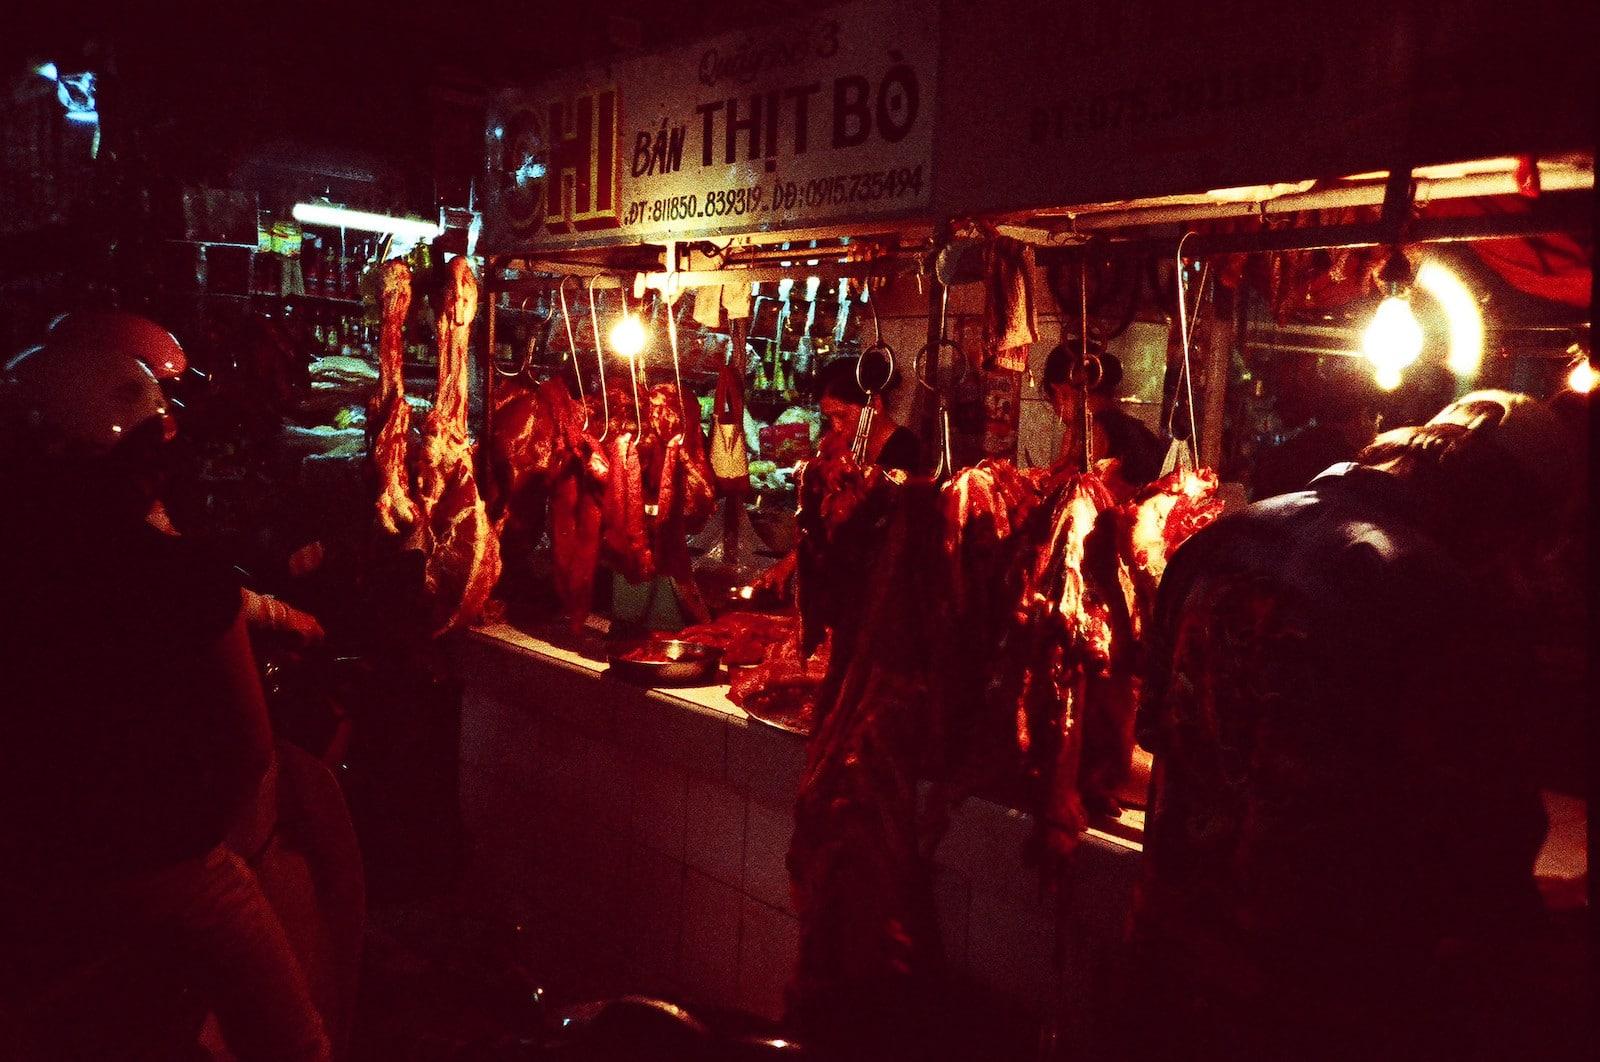 Image of the Ben Tre Night Market in Vietnam